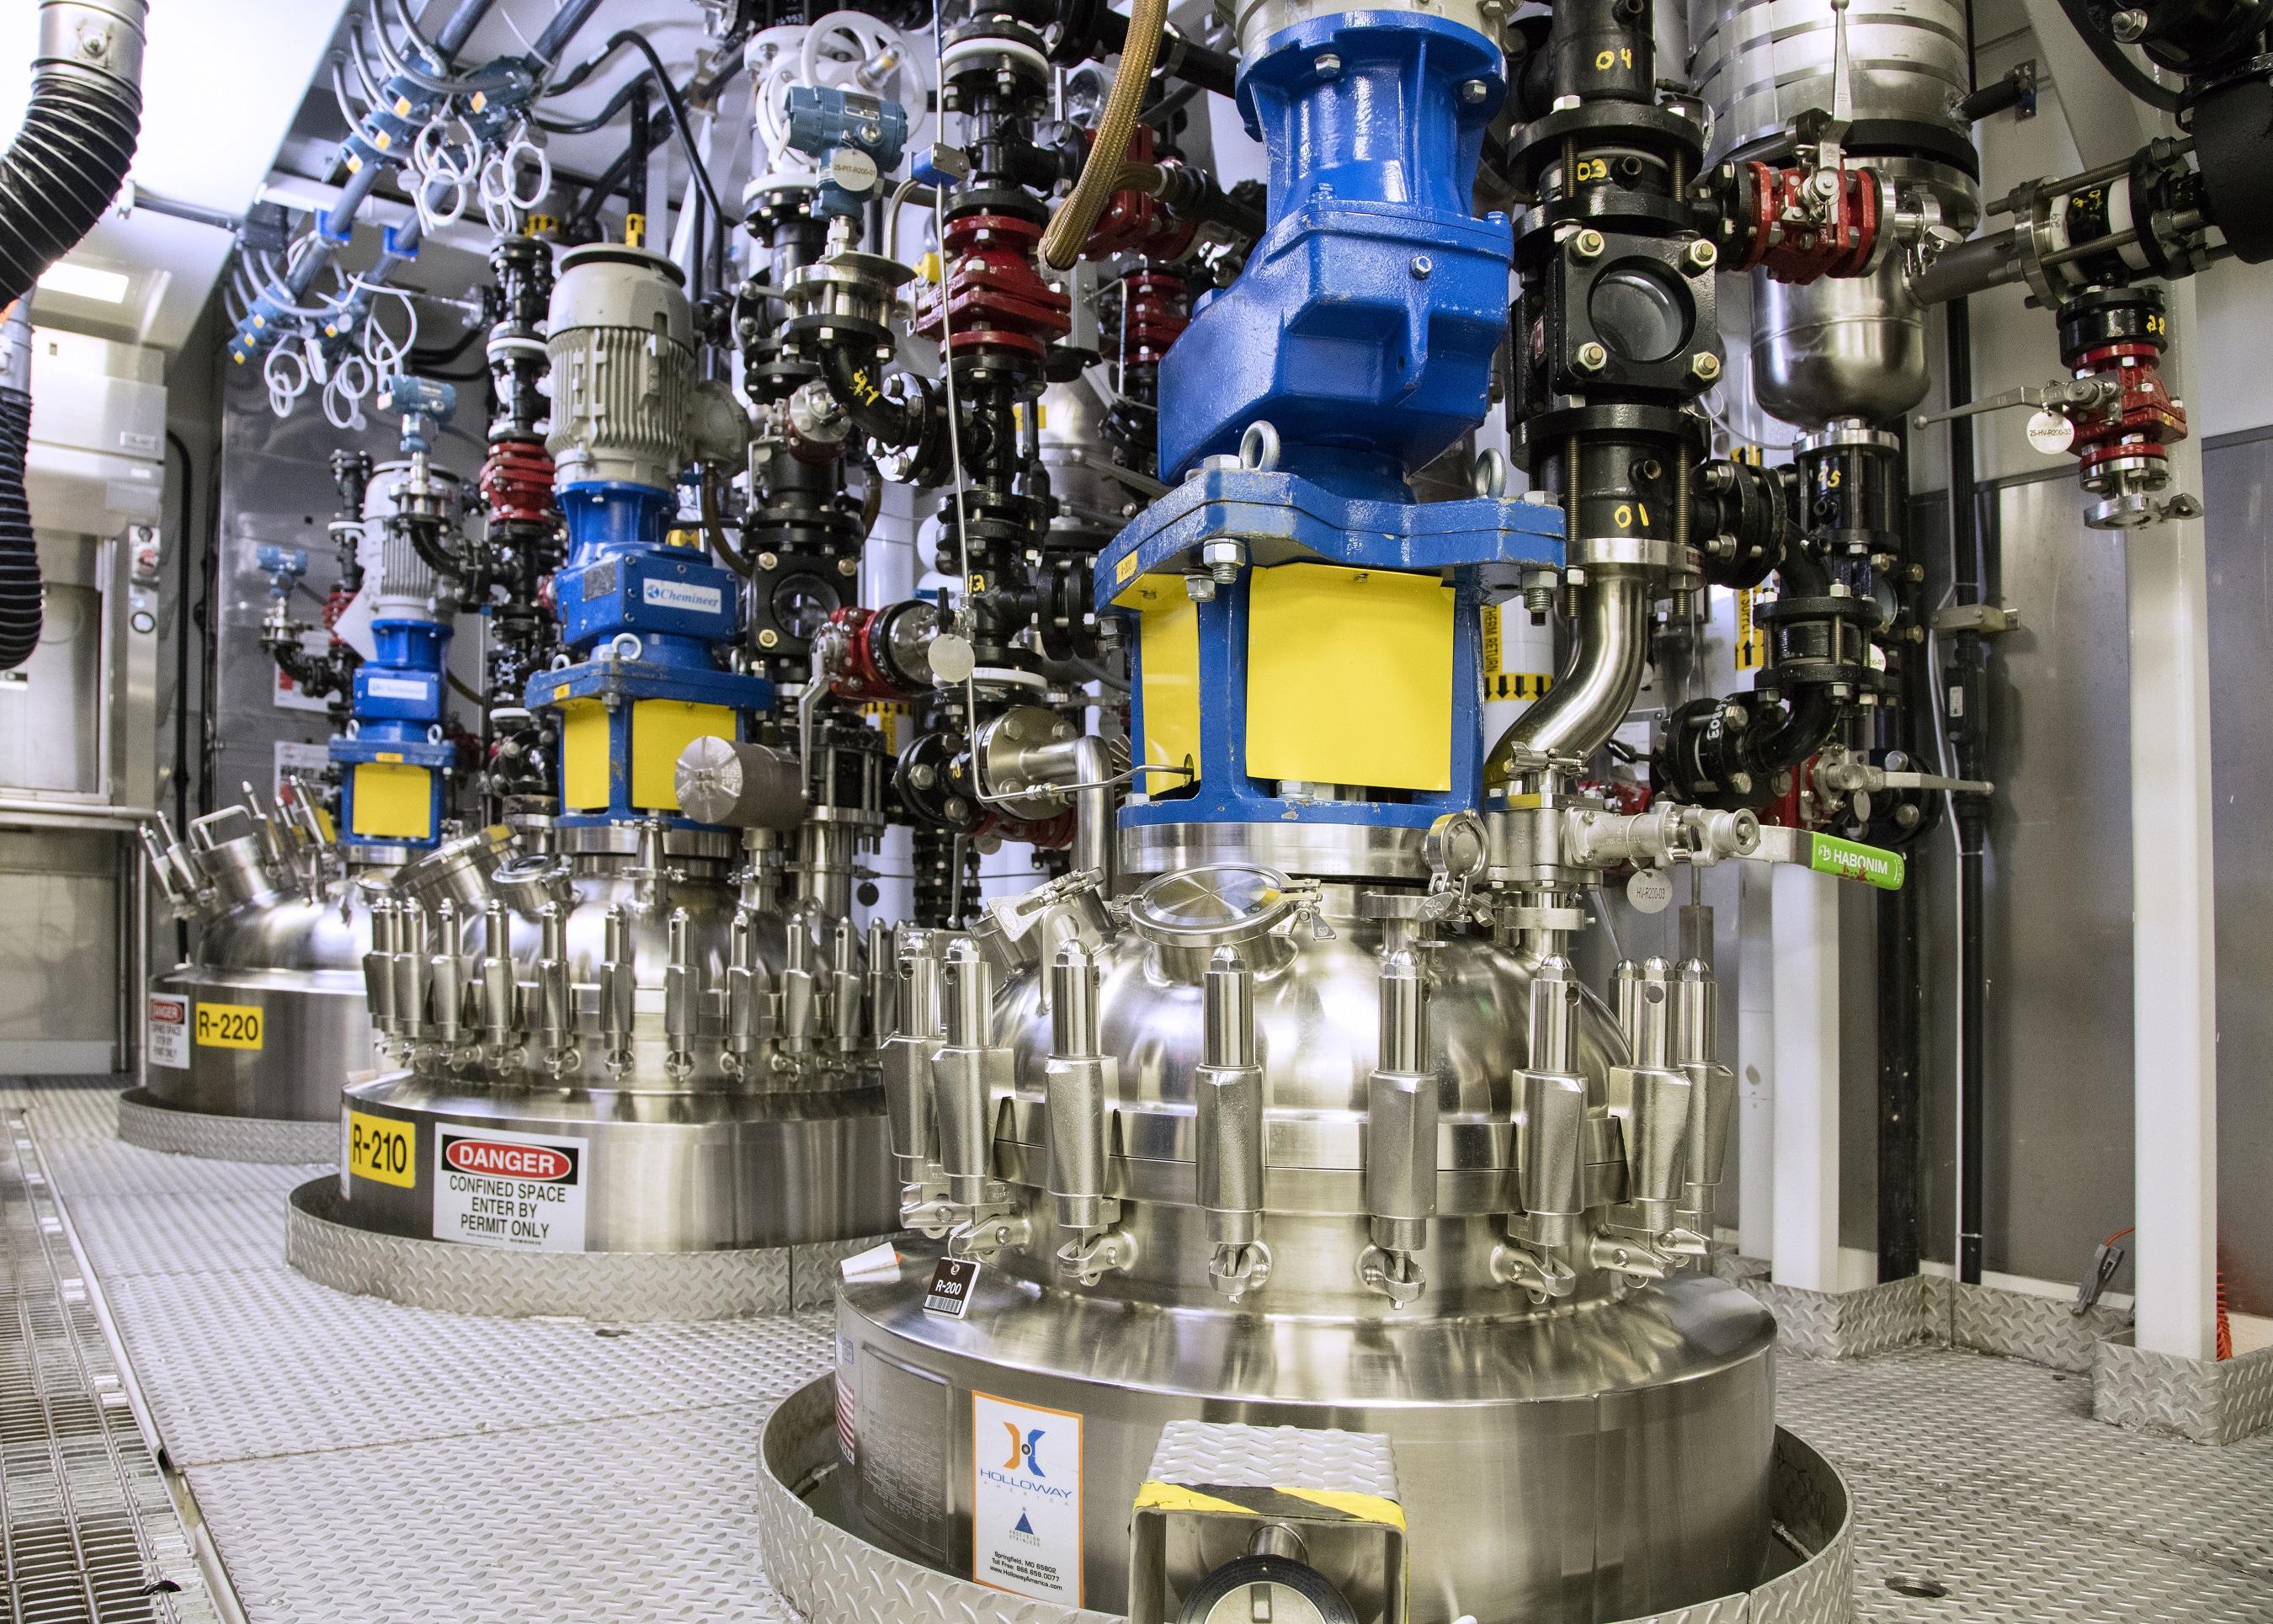 福斯特市試驗工廠是生產用於臨床試驗的藥物的生產工廠